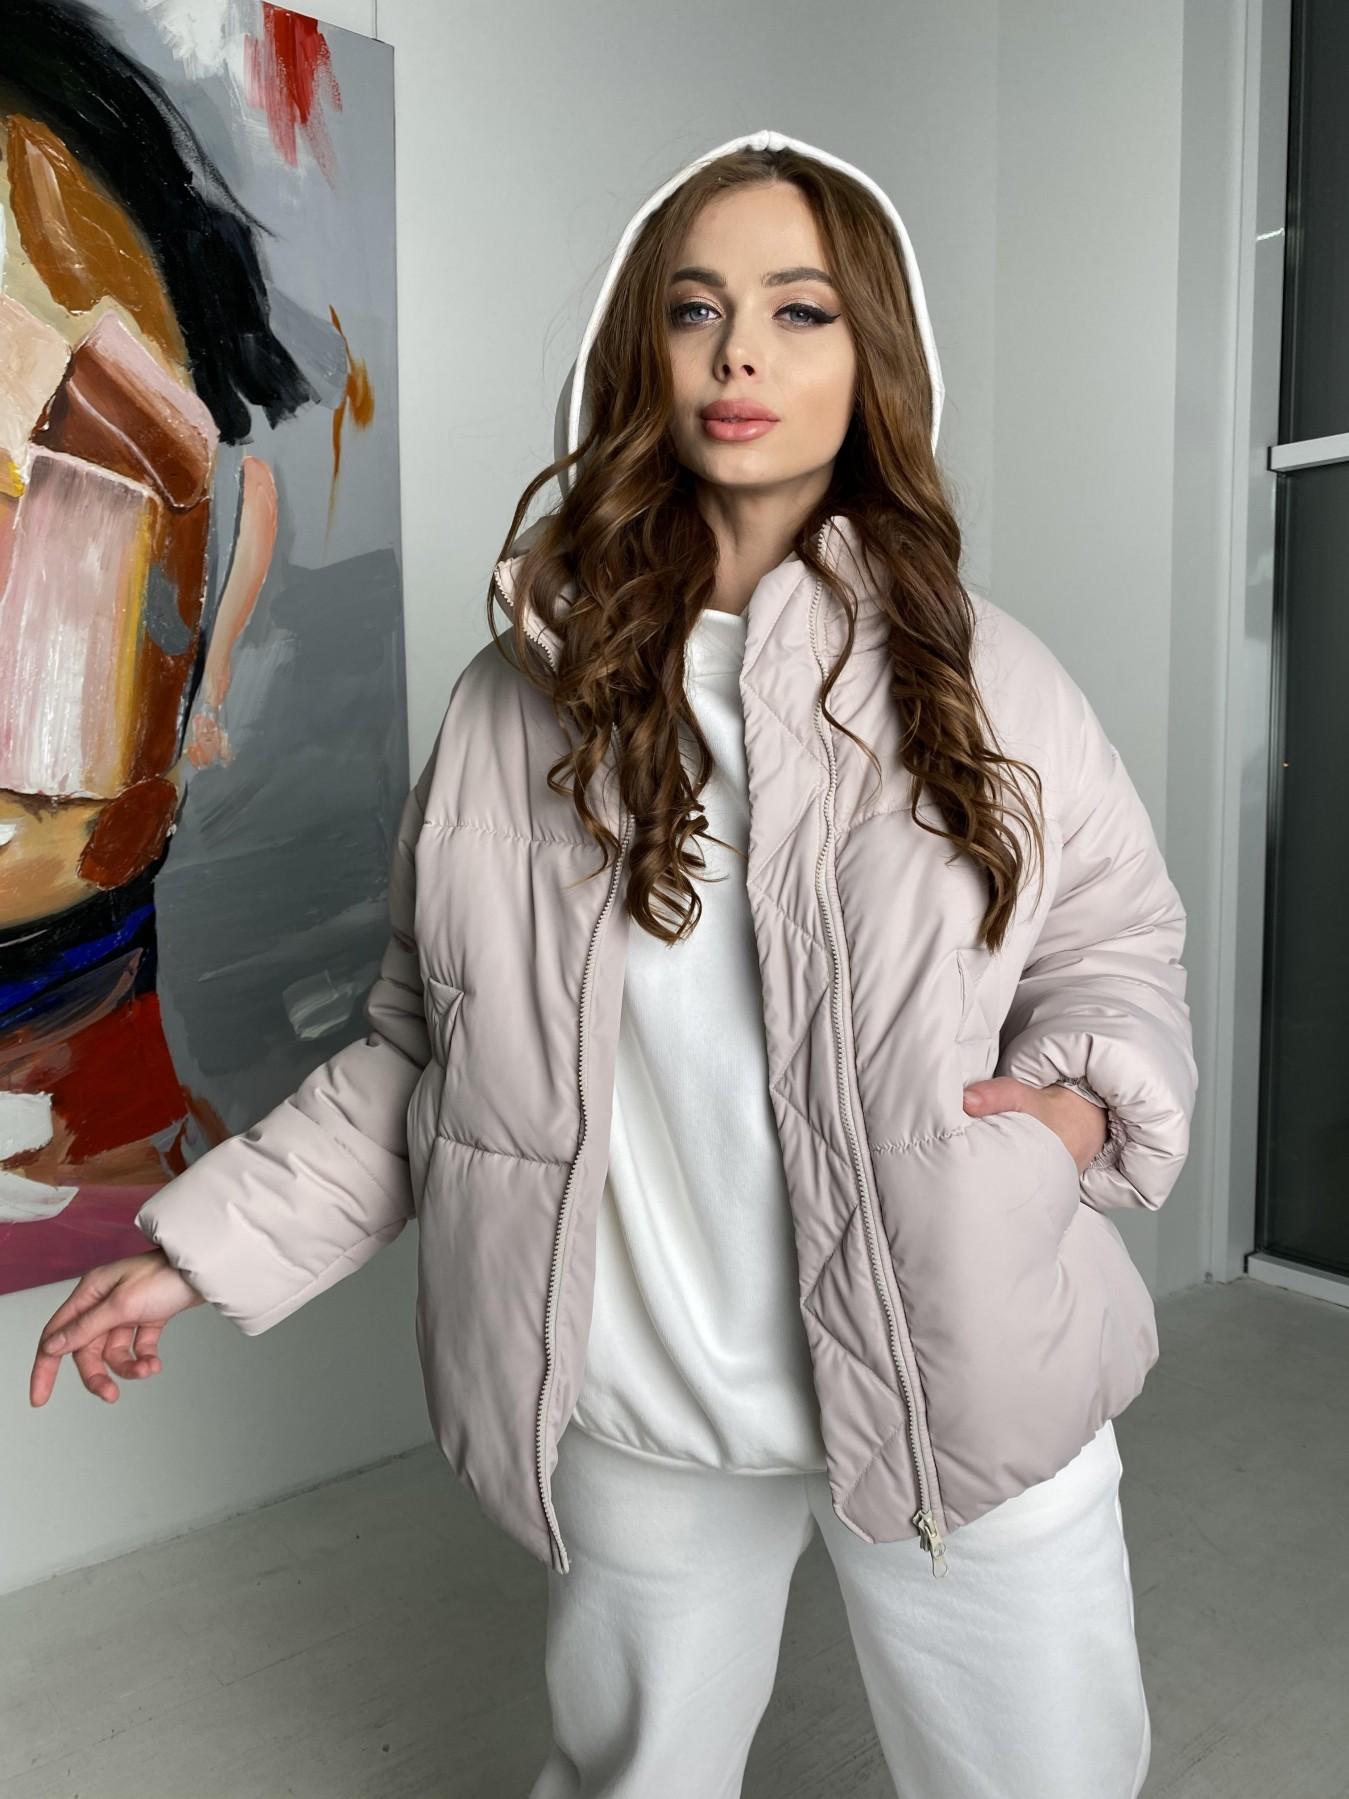 Муд куртка из плащевой ткани 10509 АРТ. 46853 Цвет: Бежевый 511 - фото 3, интернет магазин tm-modus.ru